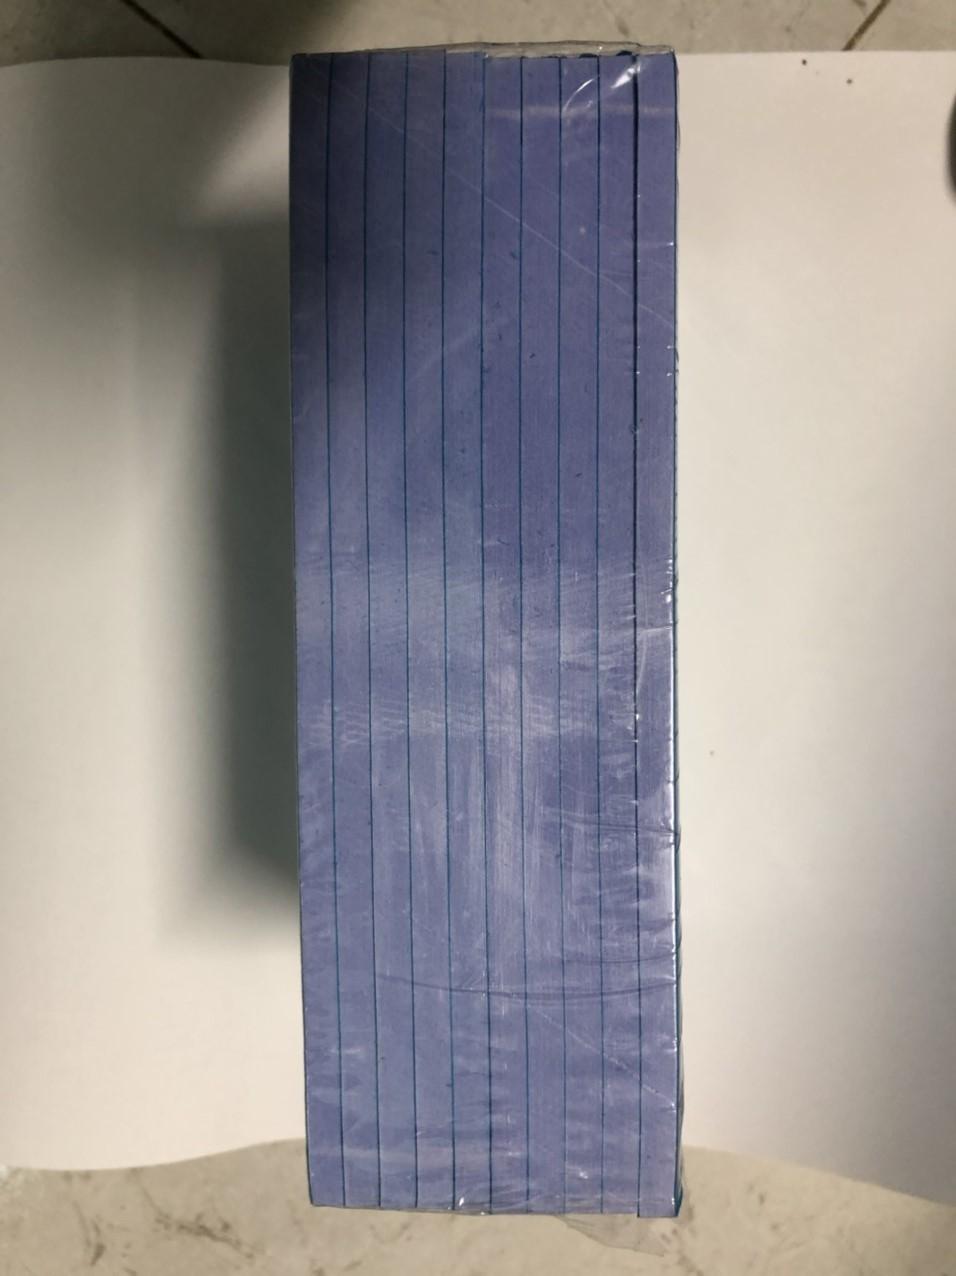 Lốc 10 cuốn hóa đơn bán lẻ 1 liên